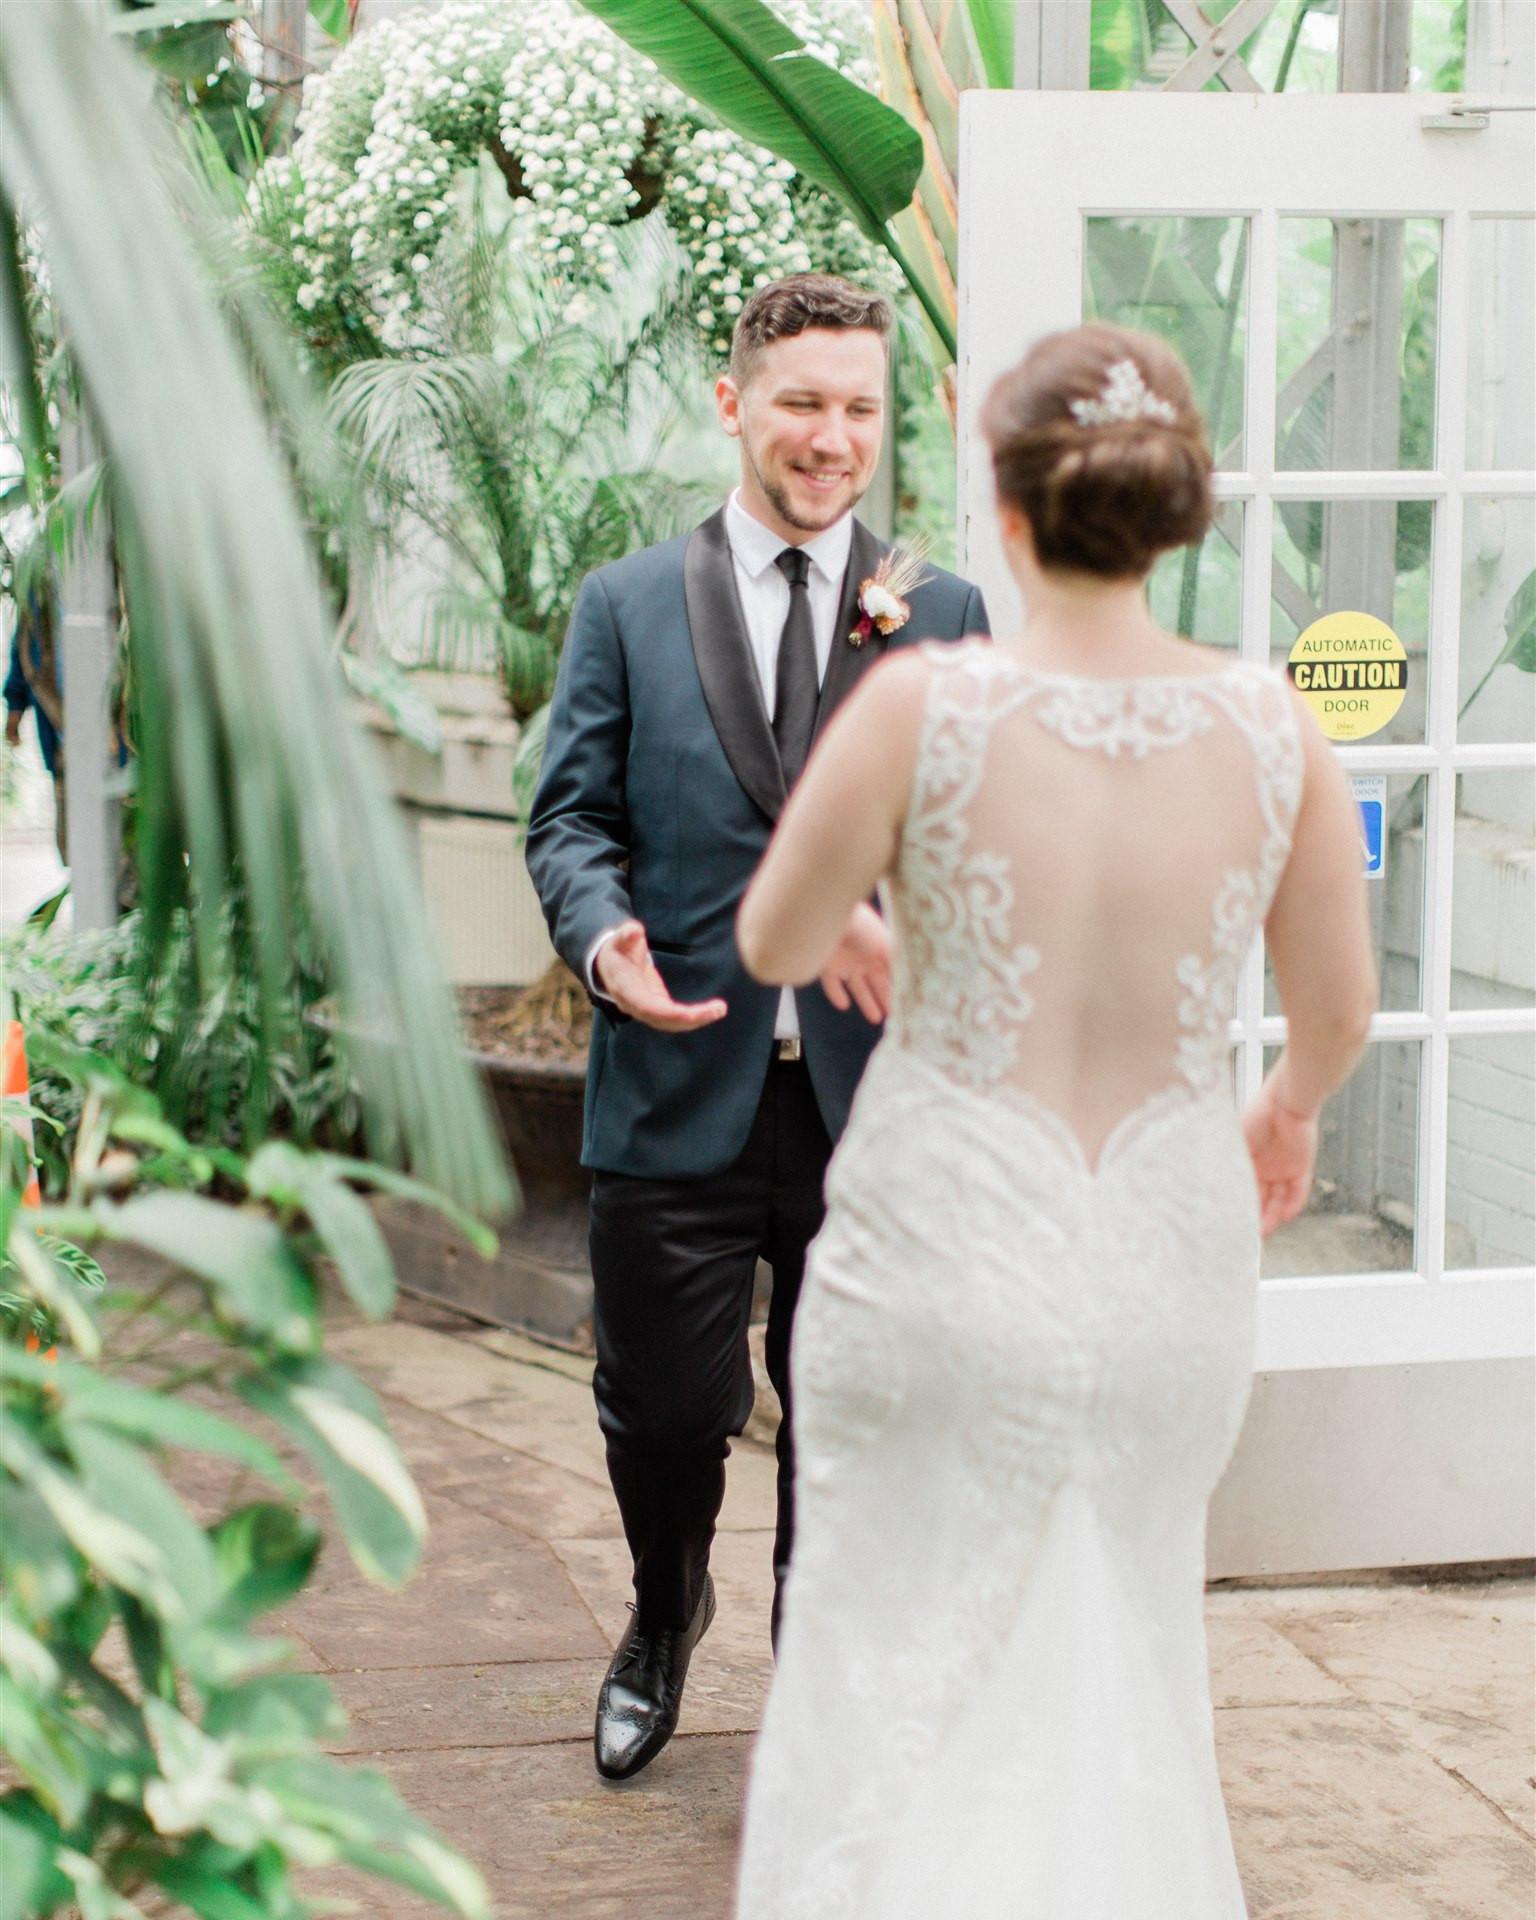 Rebecca & John Wedding 2019-94.jpg